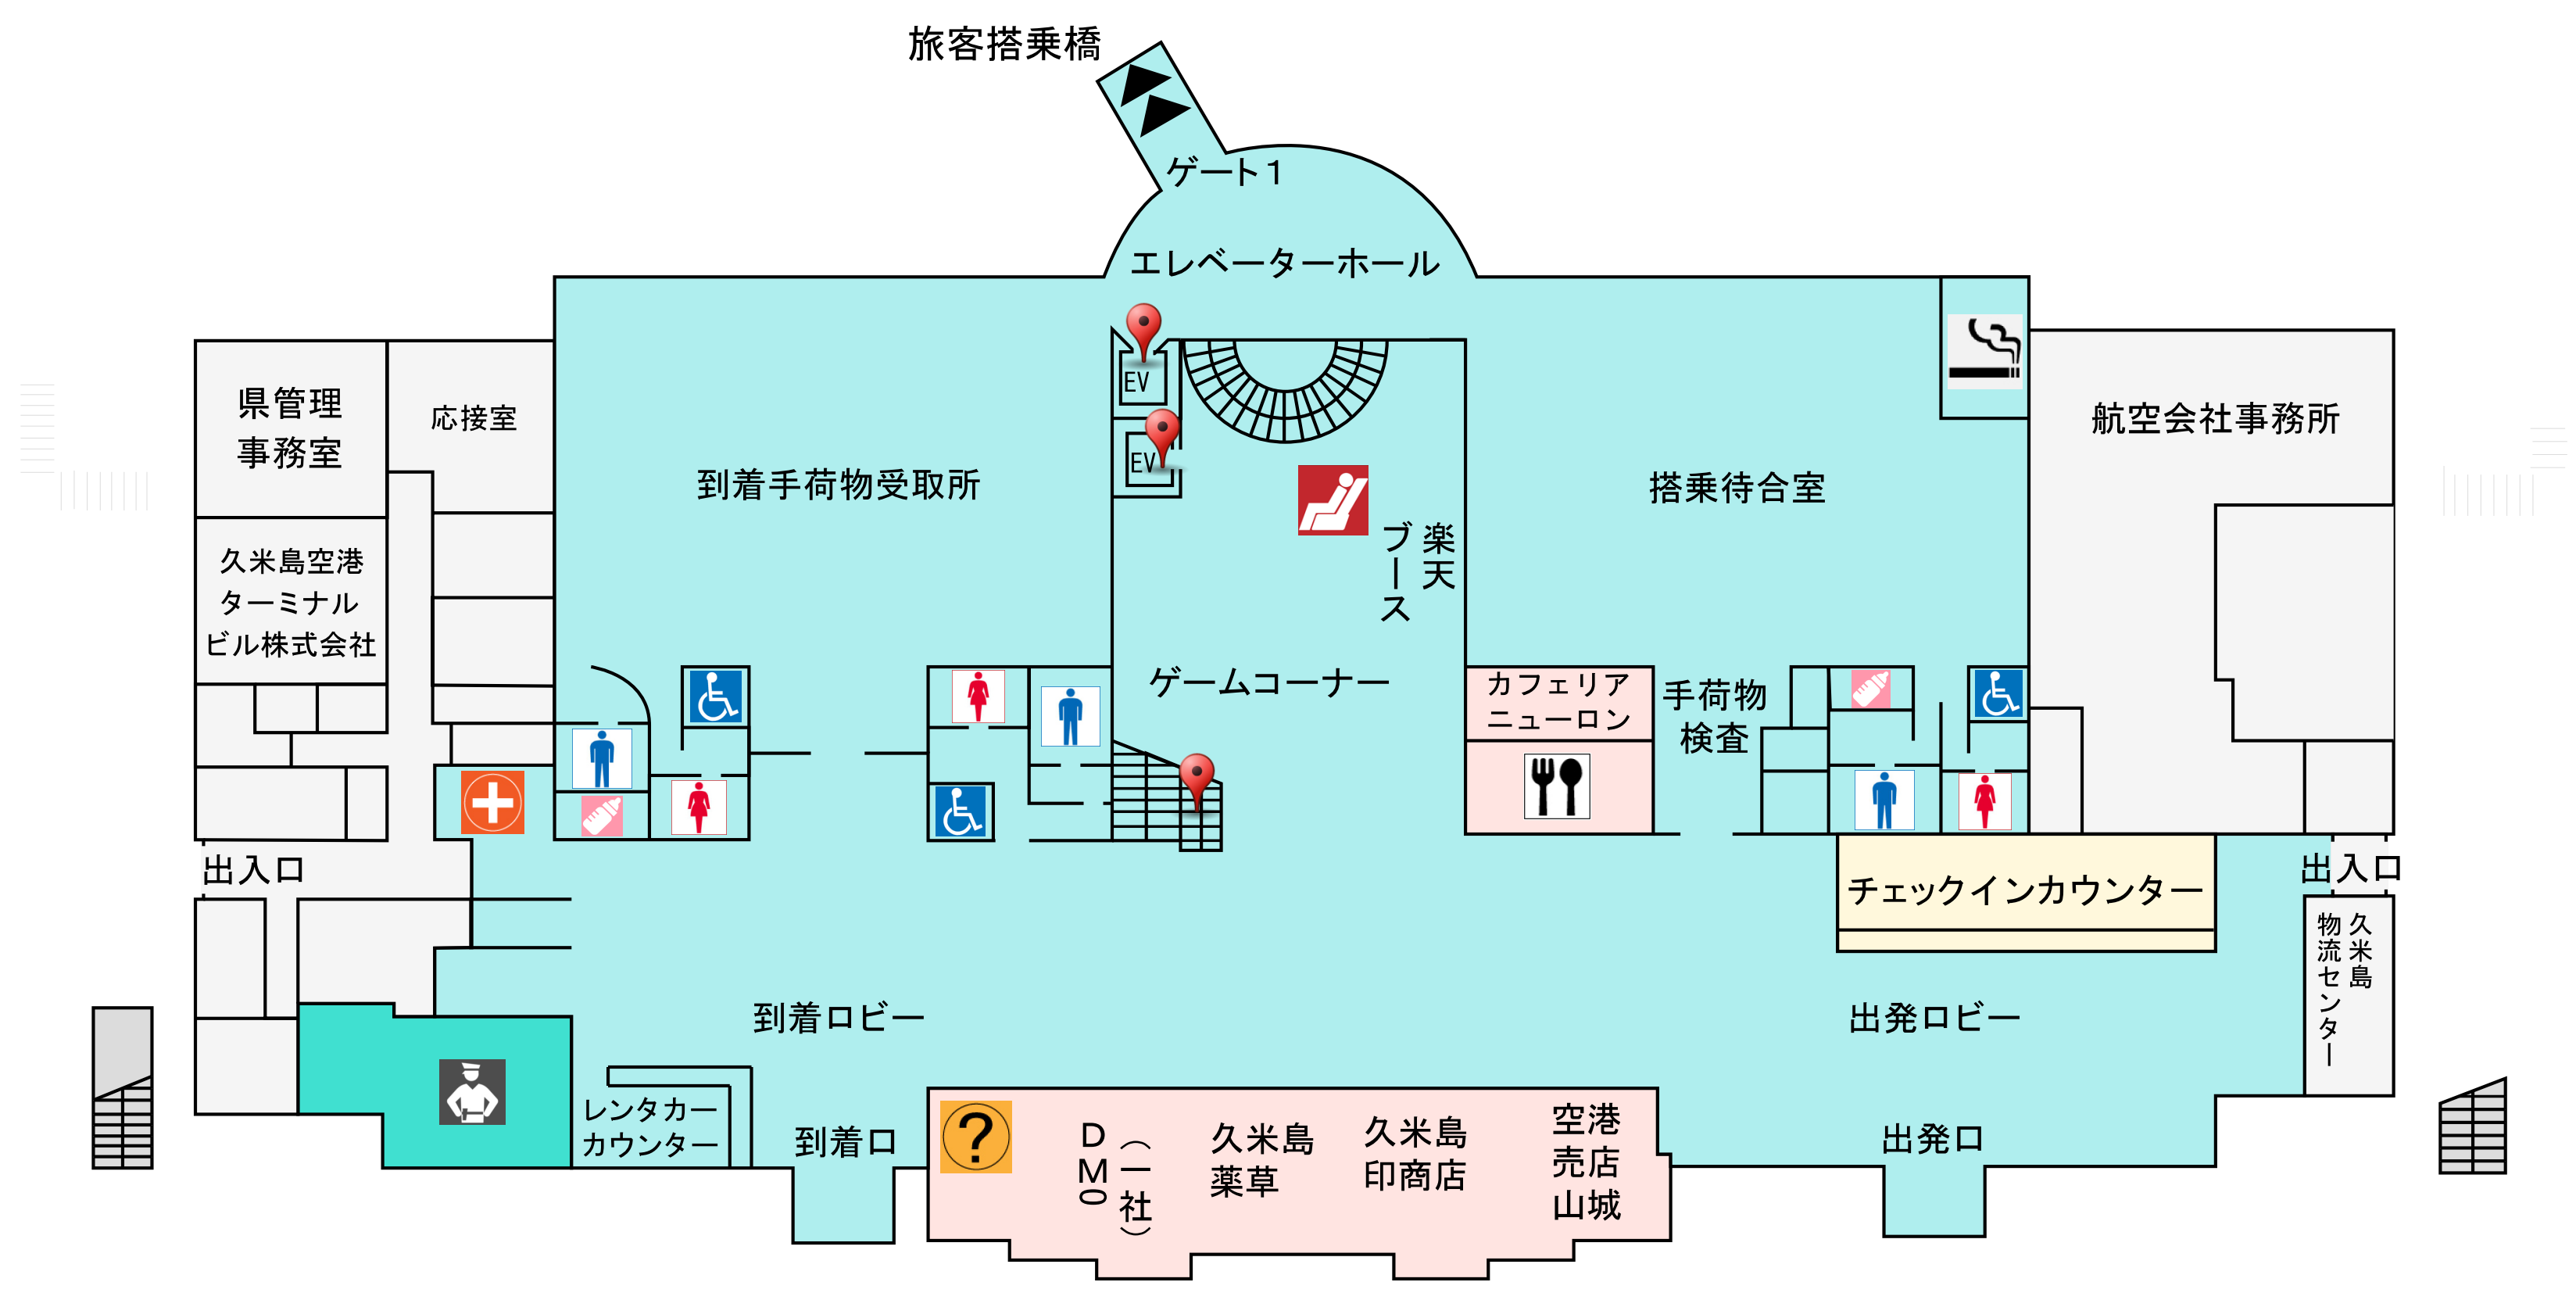 map6.101